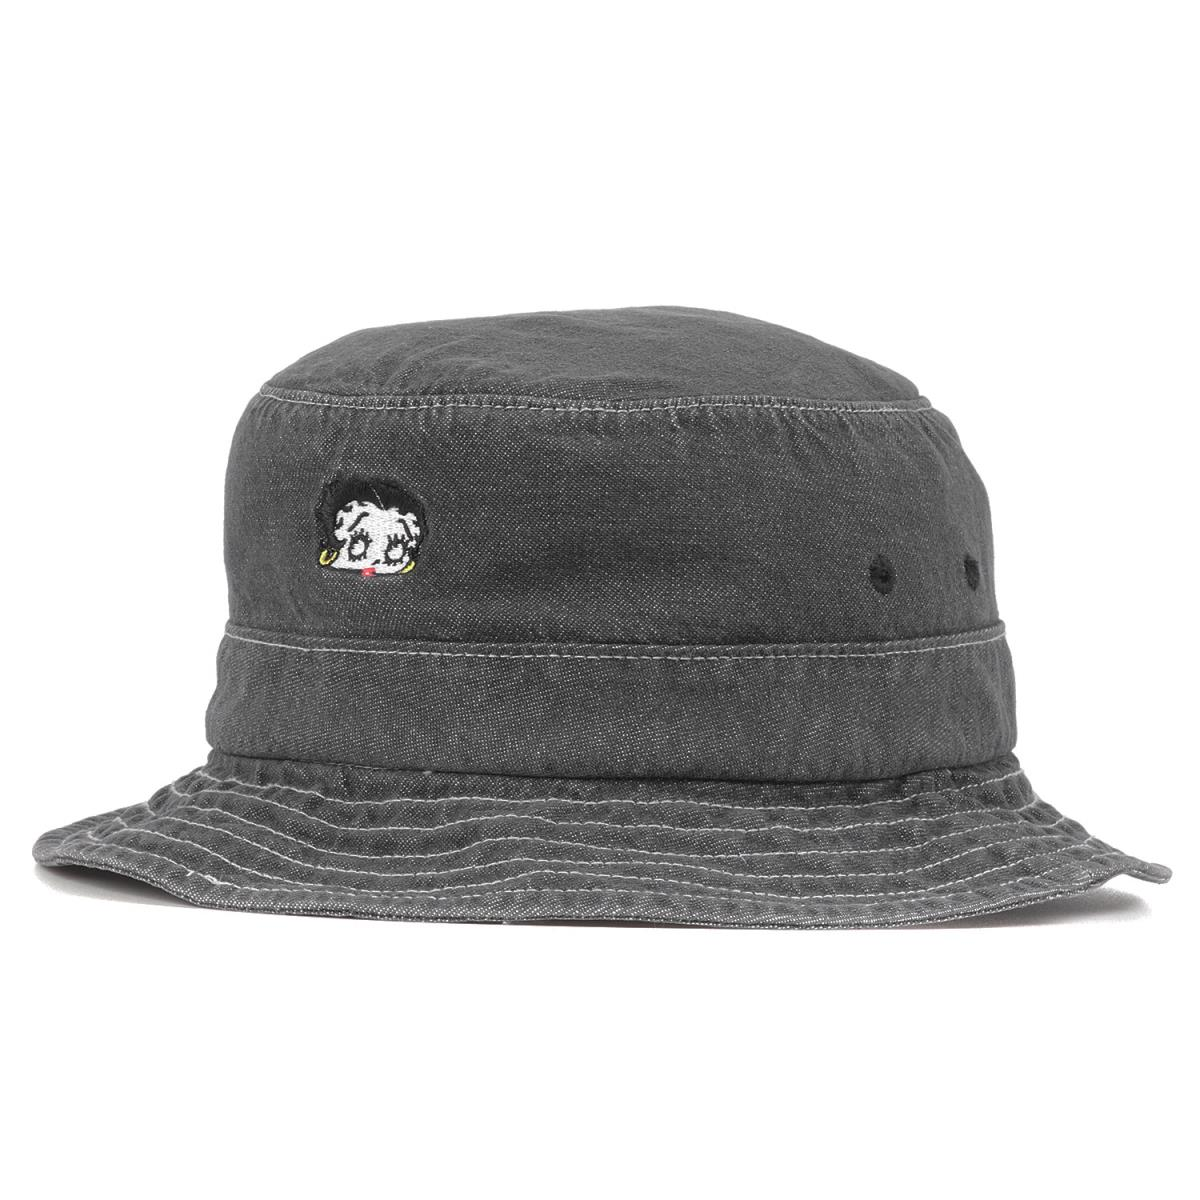 メンズ帽子, ハット Supreme 16SS Betty Boop Denim Crusher ML K2456